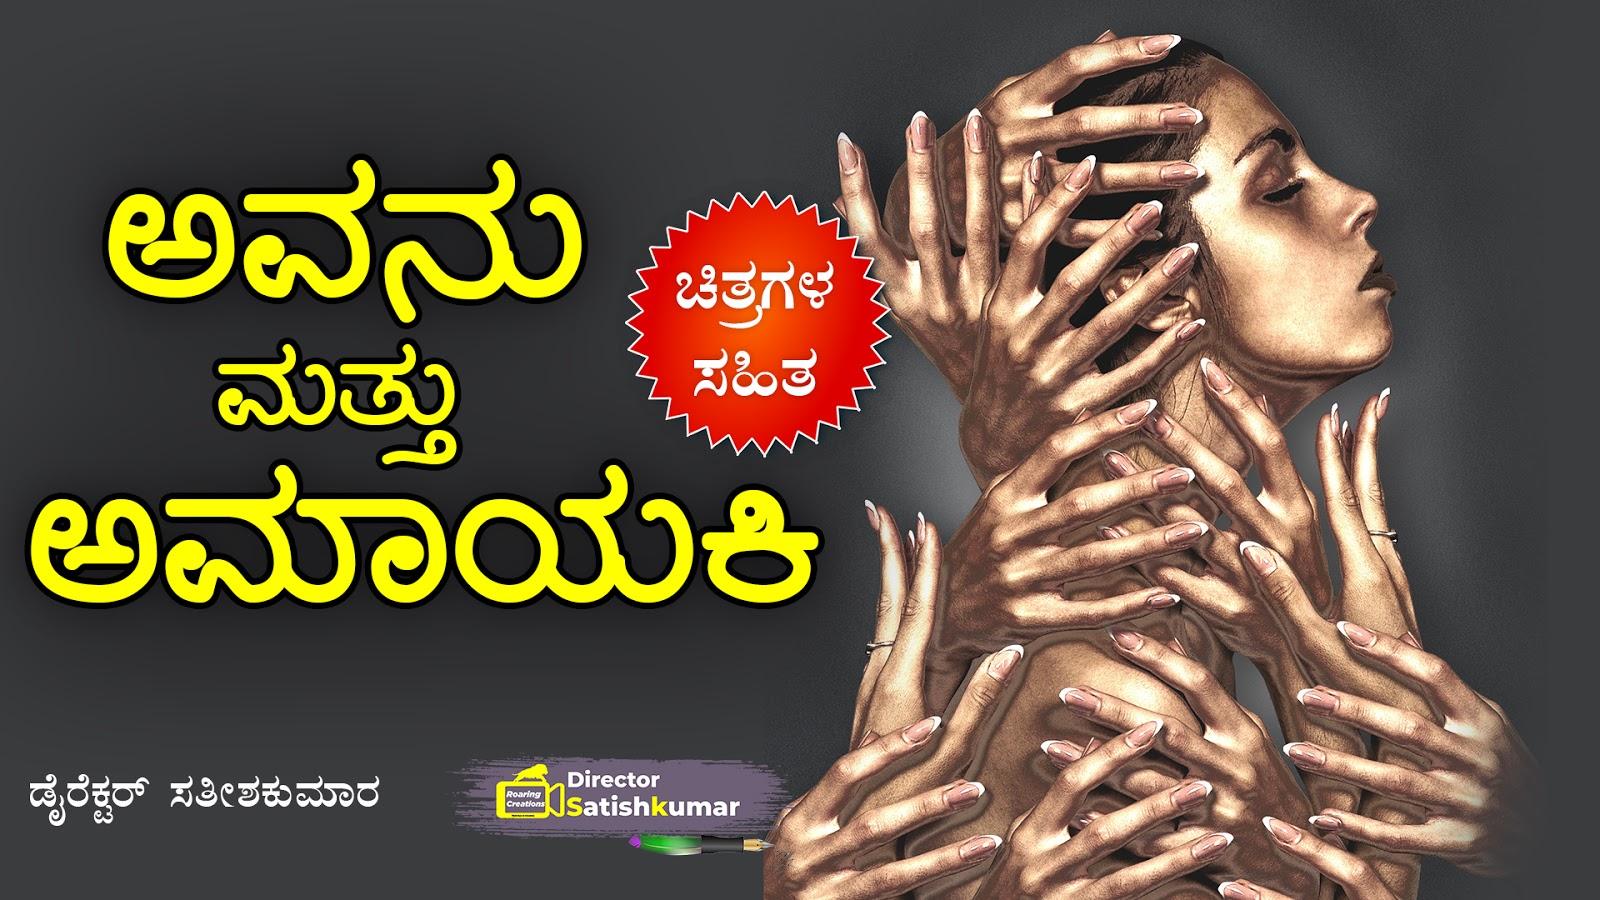 ಅವನು ಮತ್ತು ಅಮಾಯಕಿ : True Sad Story of Lady Lecturer in Kannada - ಕನ್ನಡ ಕಥೆ ಪುಸ್ತಕಗಳು - Kannada Story Books -  E Books Kannada - Kannada Books